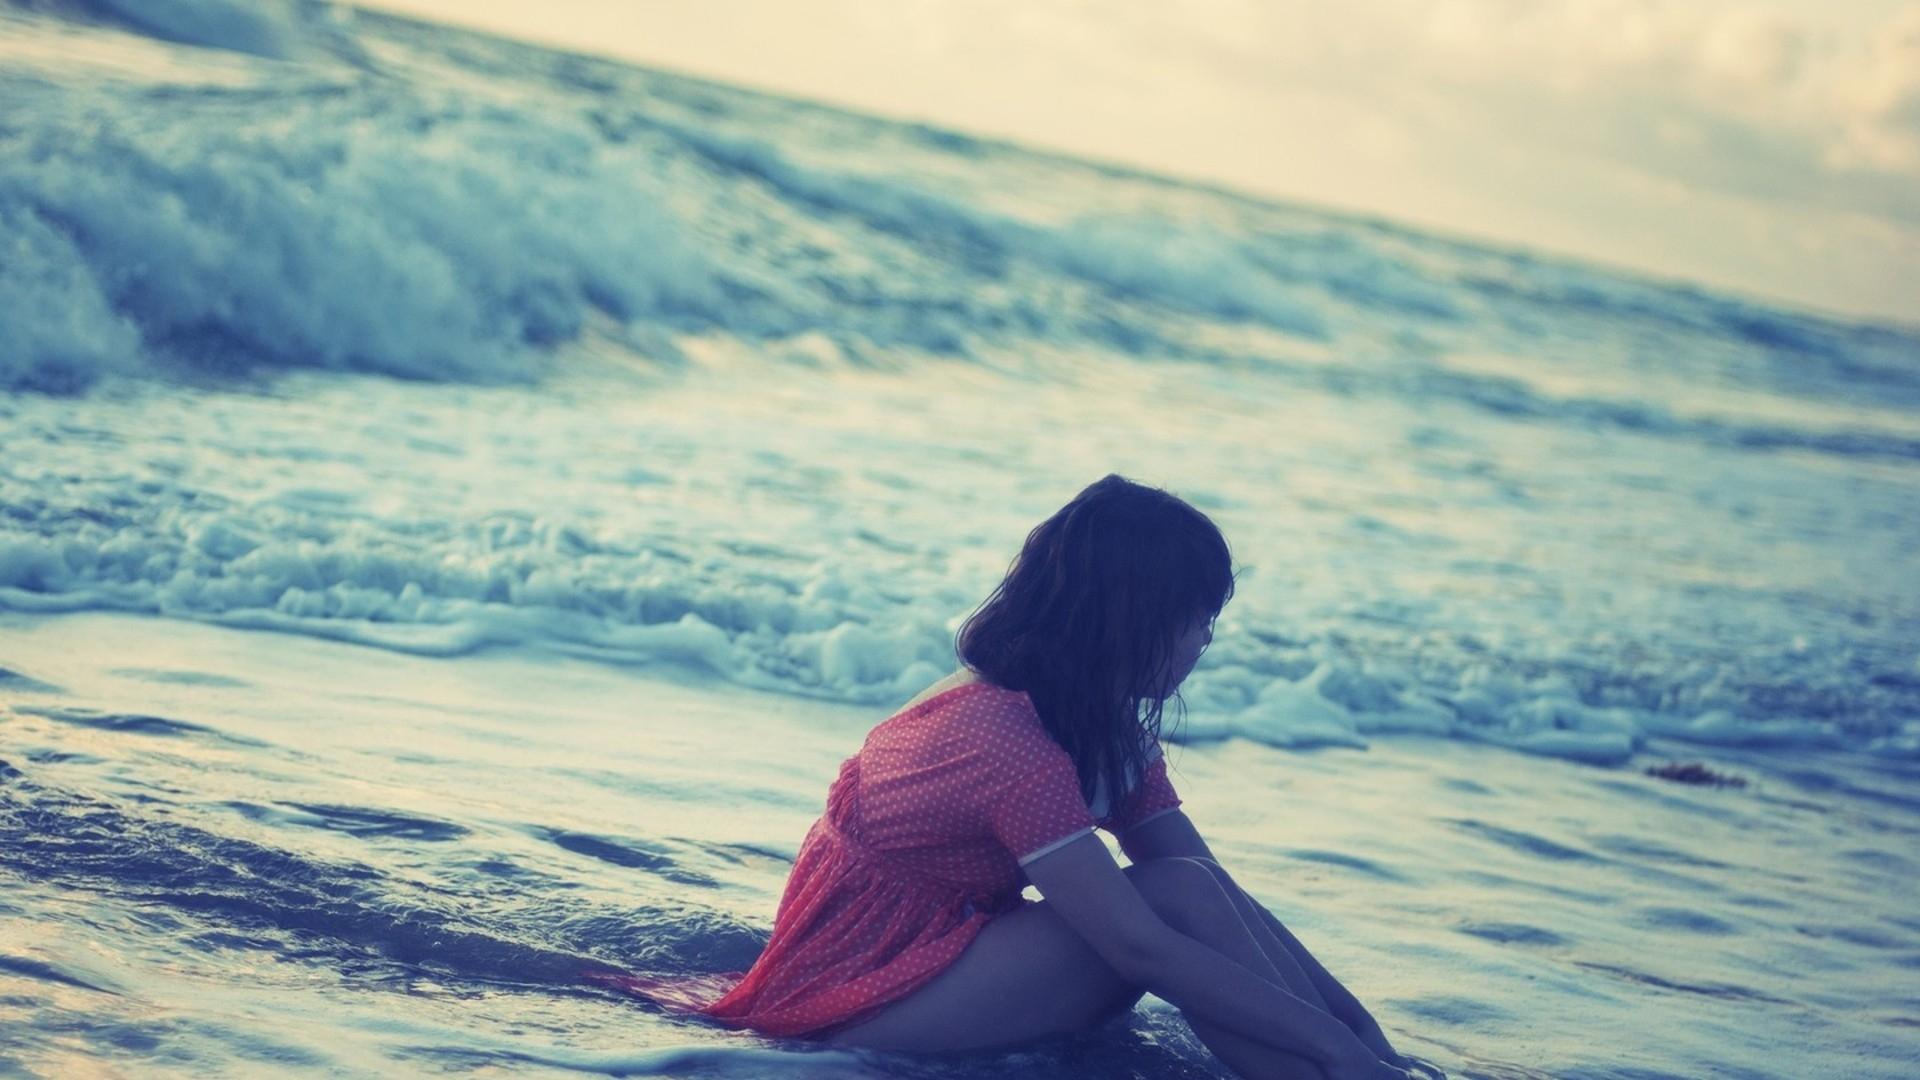 wallpaper : sunlight, sea, water, sand, beach, blue, evening